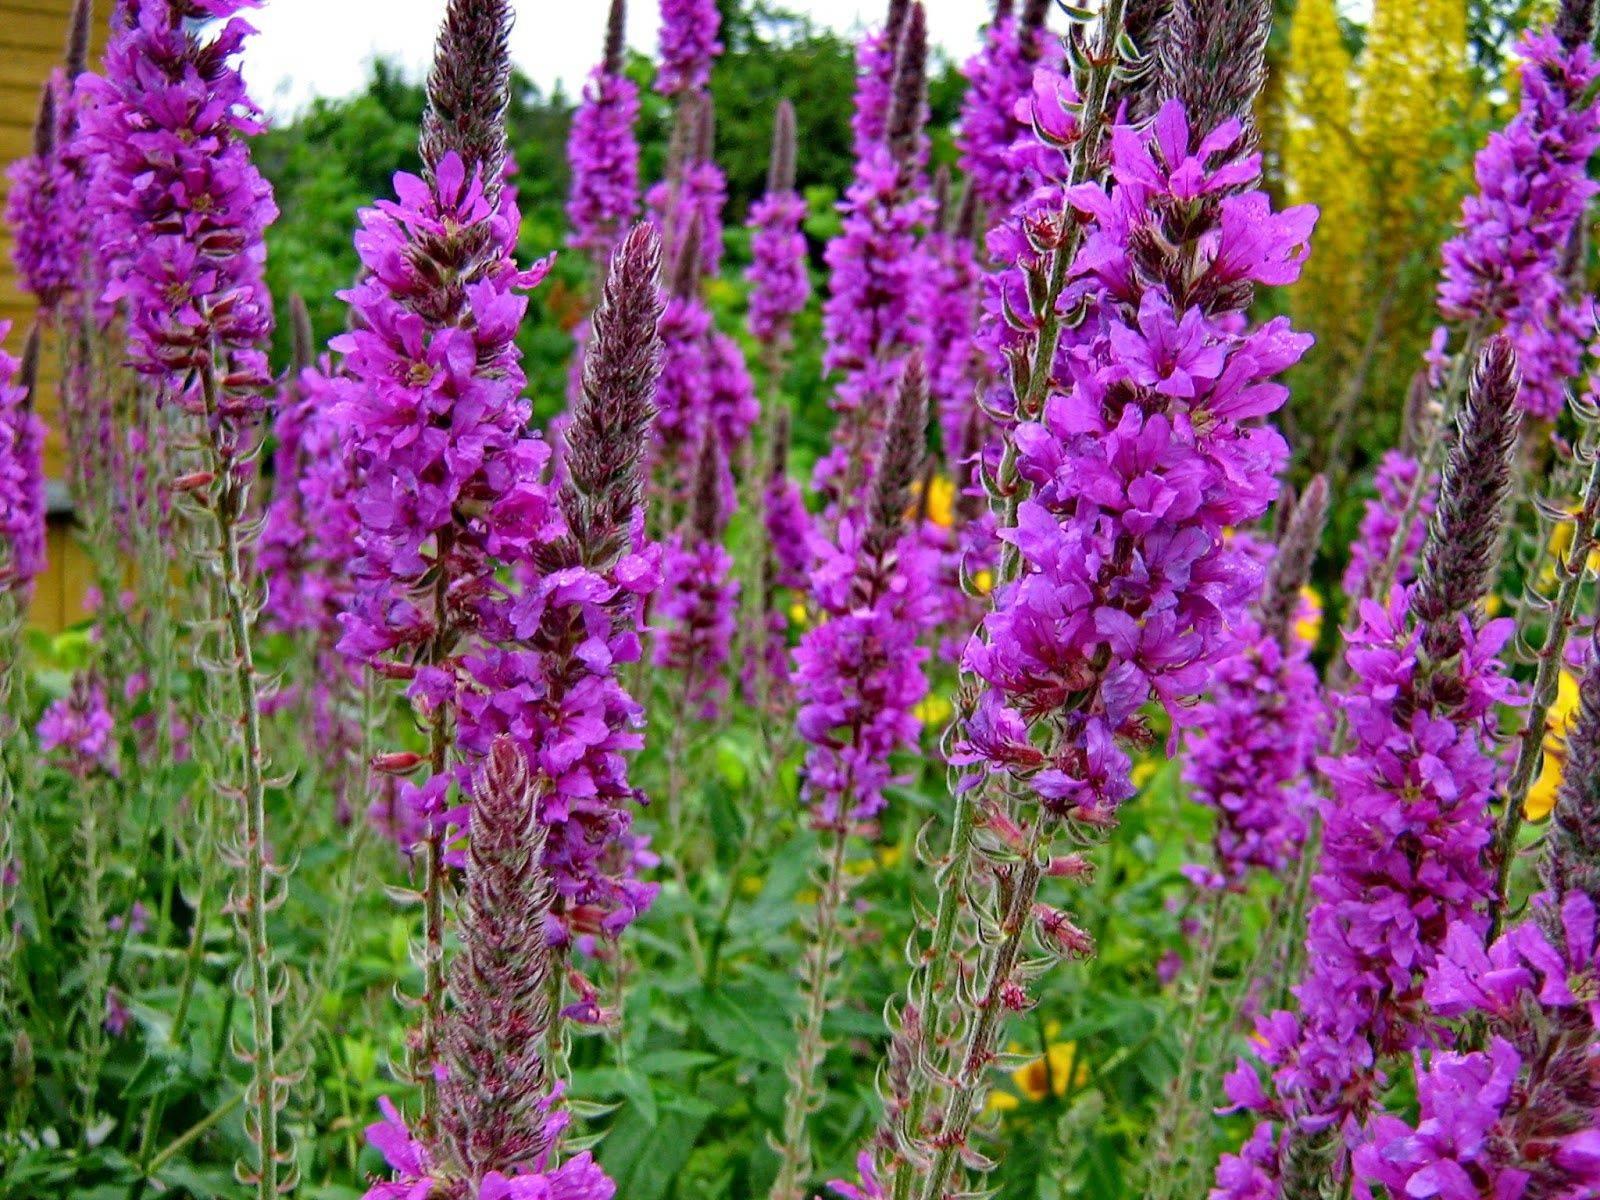 Дербенник иволистный: виды и сорта с фото и описанием, создание благоприятных условий для роста